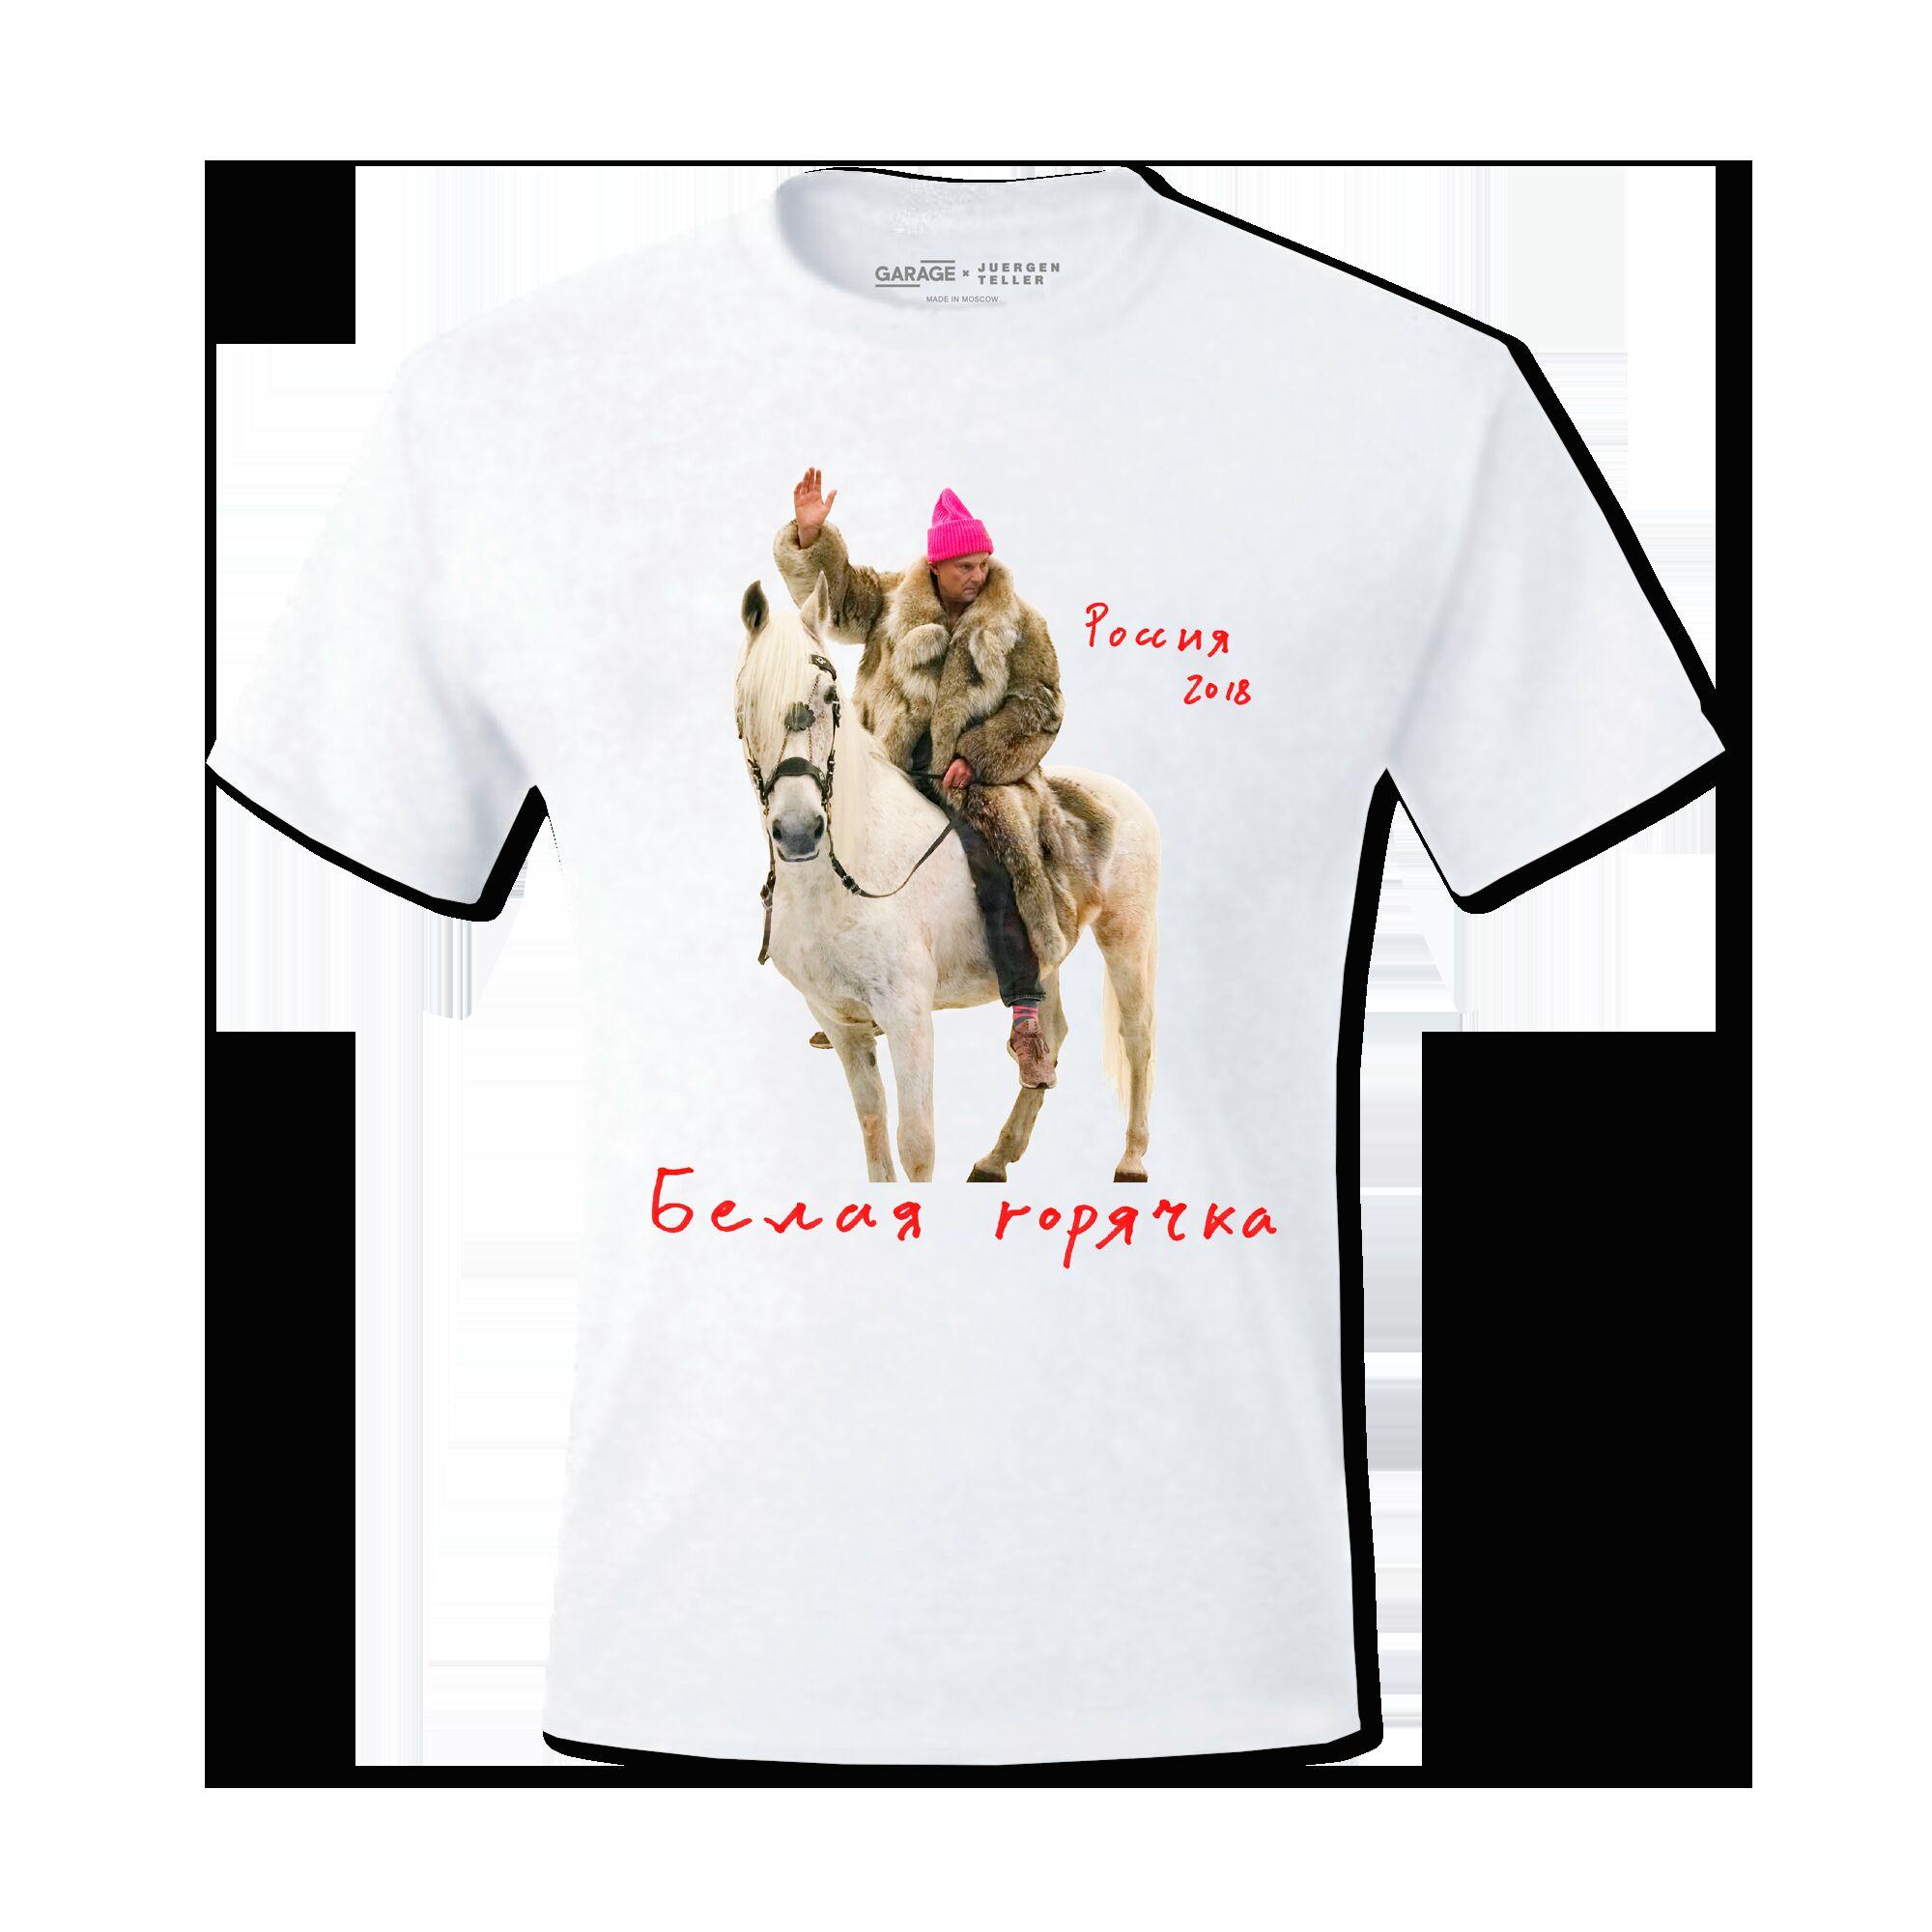 Belaya goryachka T-shirt Garage × Juergen Teller